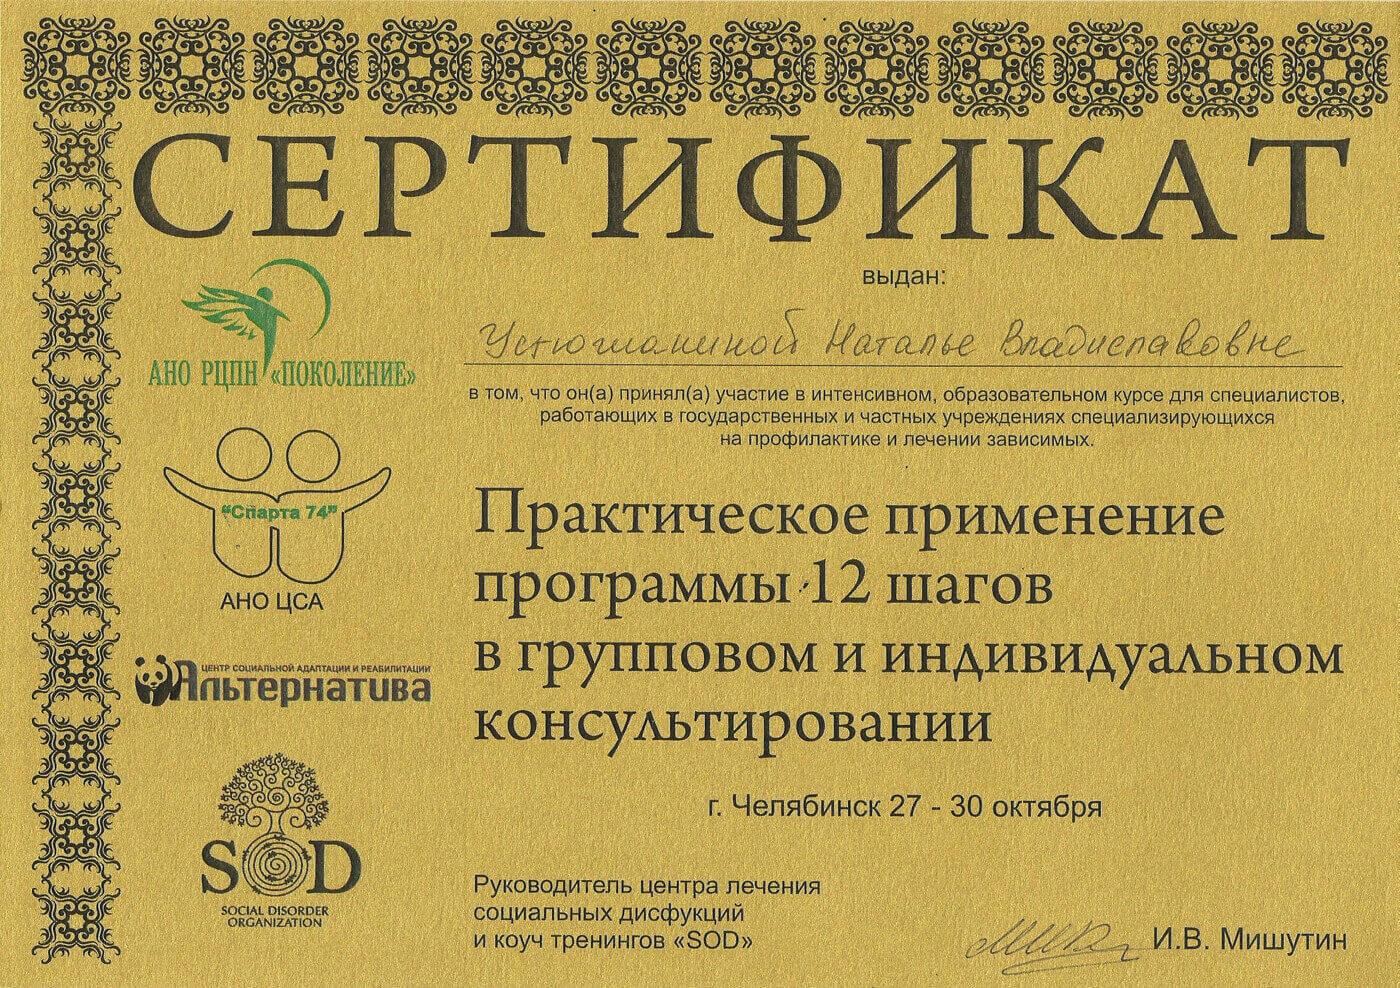 Сертификат Устюжаниной Н. В. - практическое применение программы 12 шагов